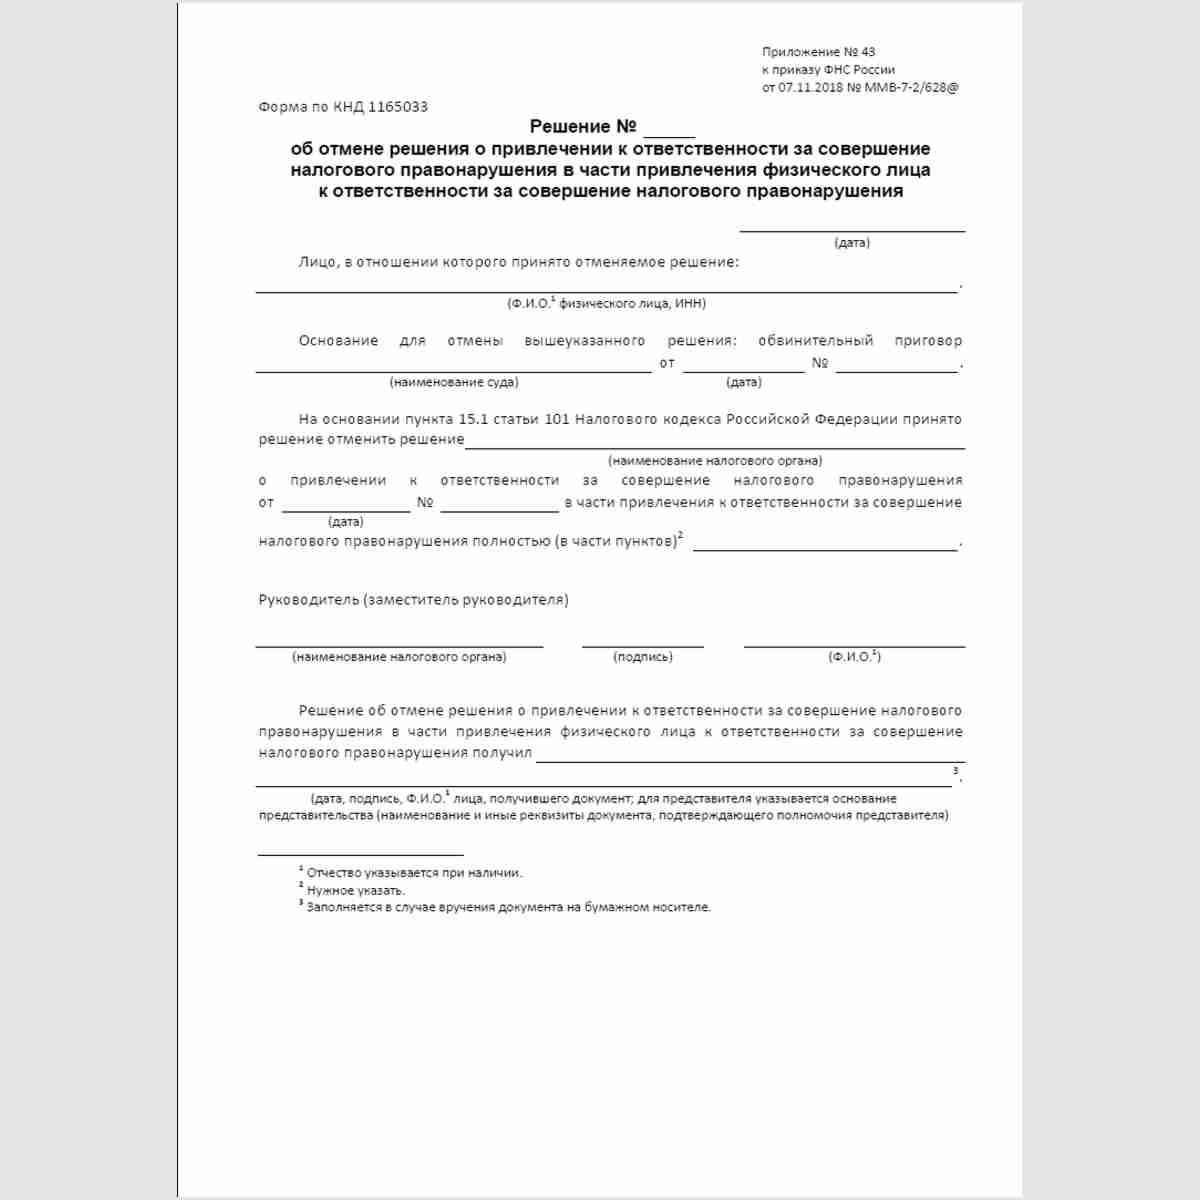 """Форма КНД 1165033 """"Решение об отмене решения о привлечении к ответственности за совершение налогового правонарушения в части привлечения физического лица к ответственности за совершение налогового правонарушения"""""""